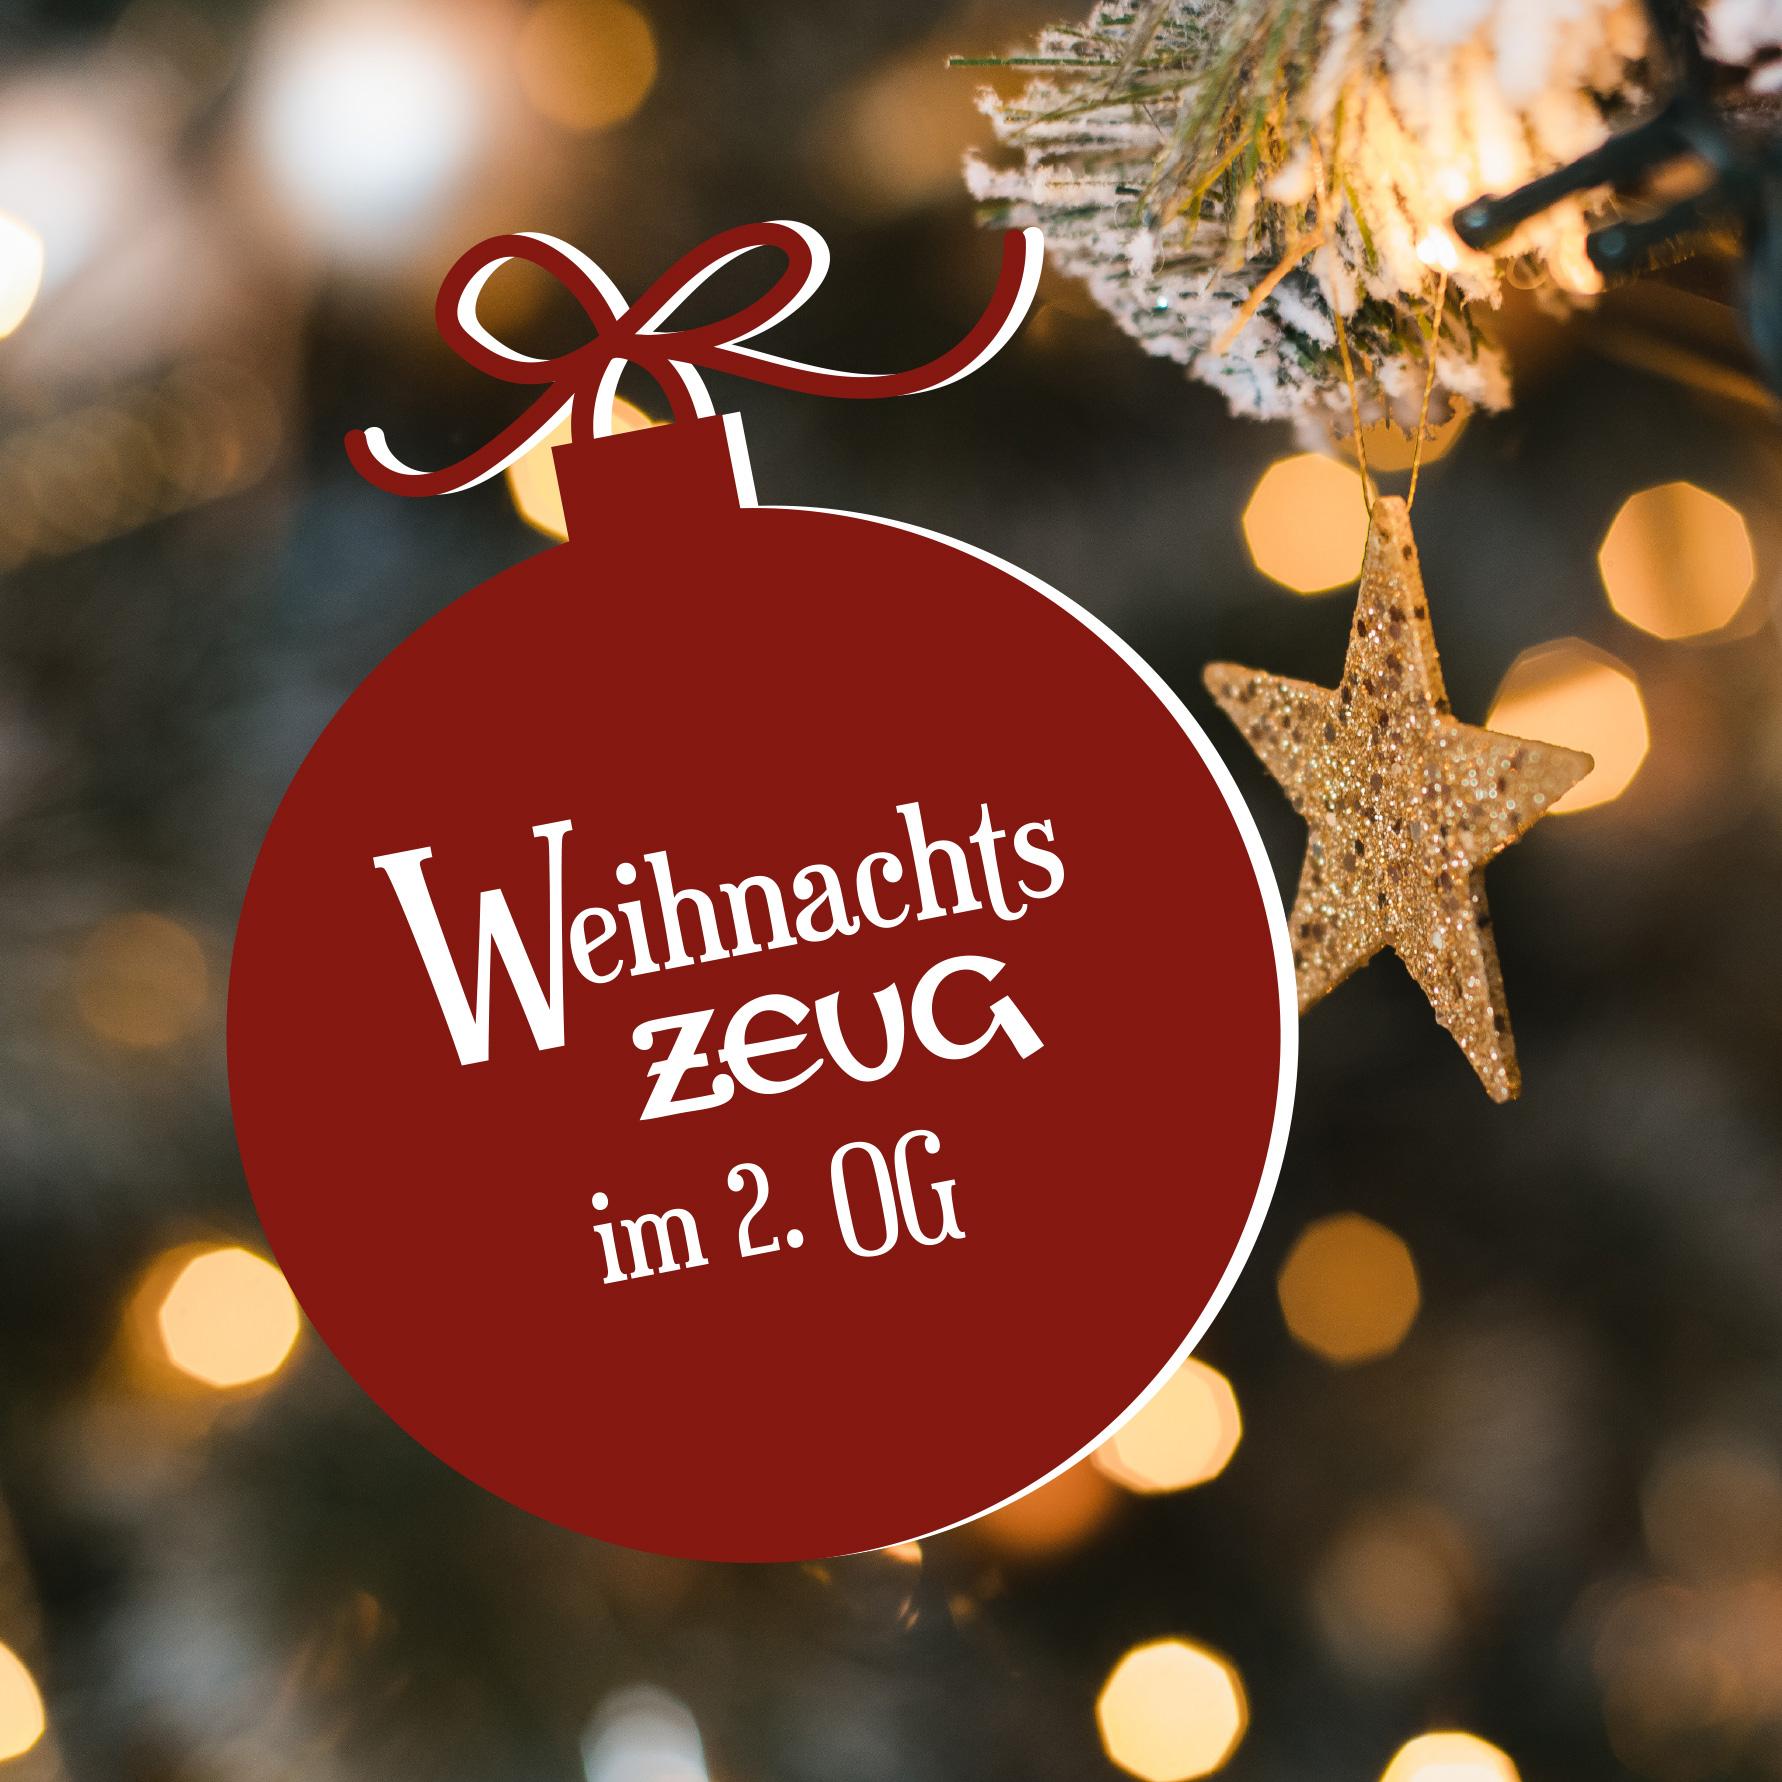 Weihnachtszeug & weihnachtlicher Verpackungsservice in Erding im 2. OG